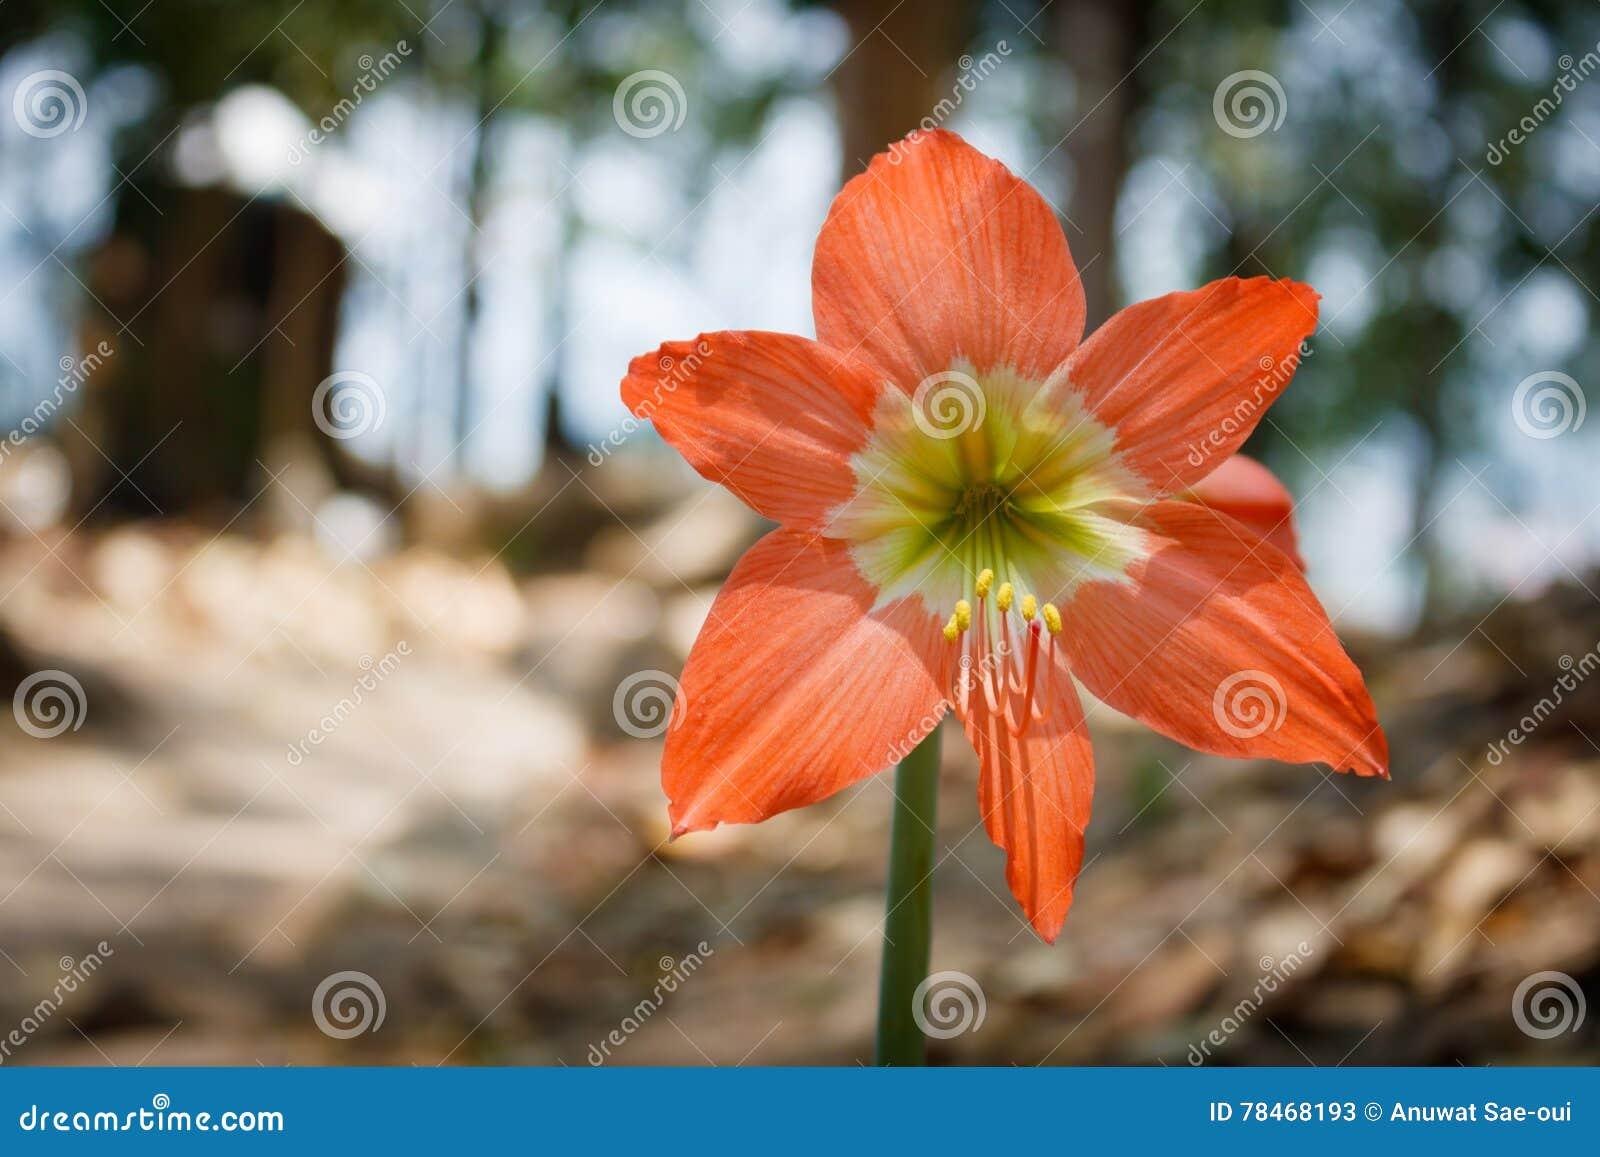 Цветок Hippeastrum или амарулиса